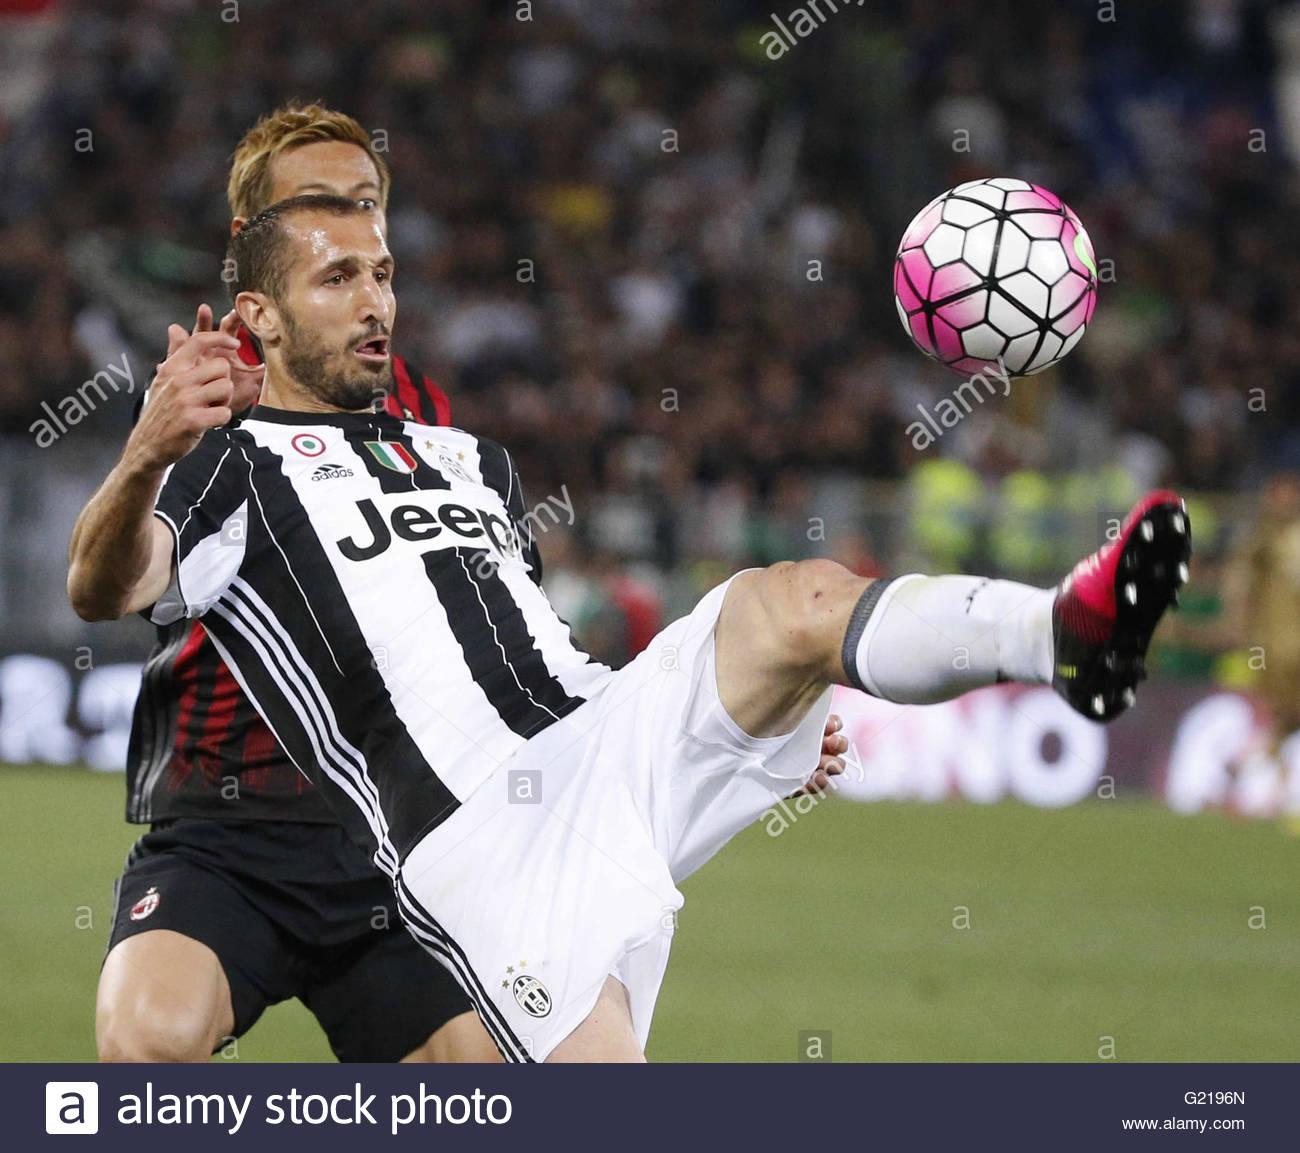 Rome Italy May 21st 2016 ITALY Rome Giorgio Chiellini of